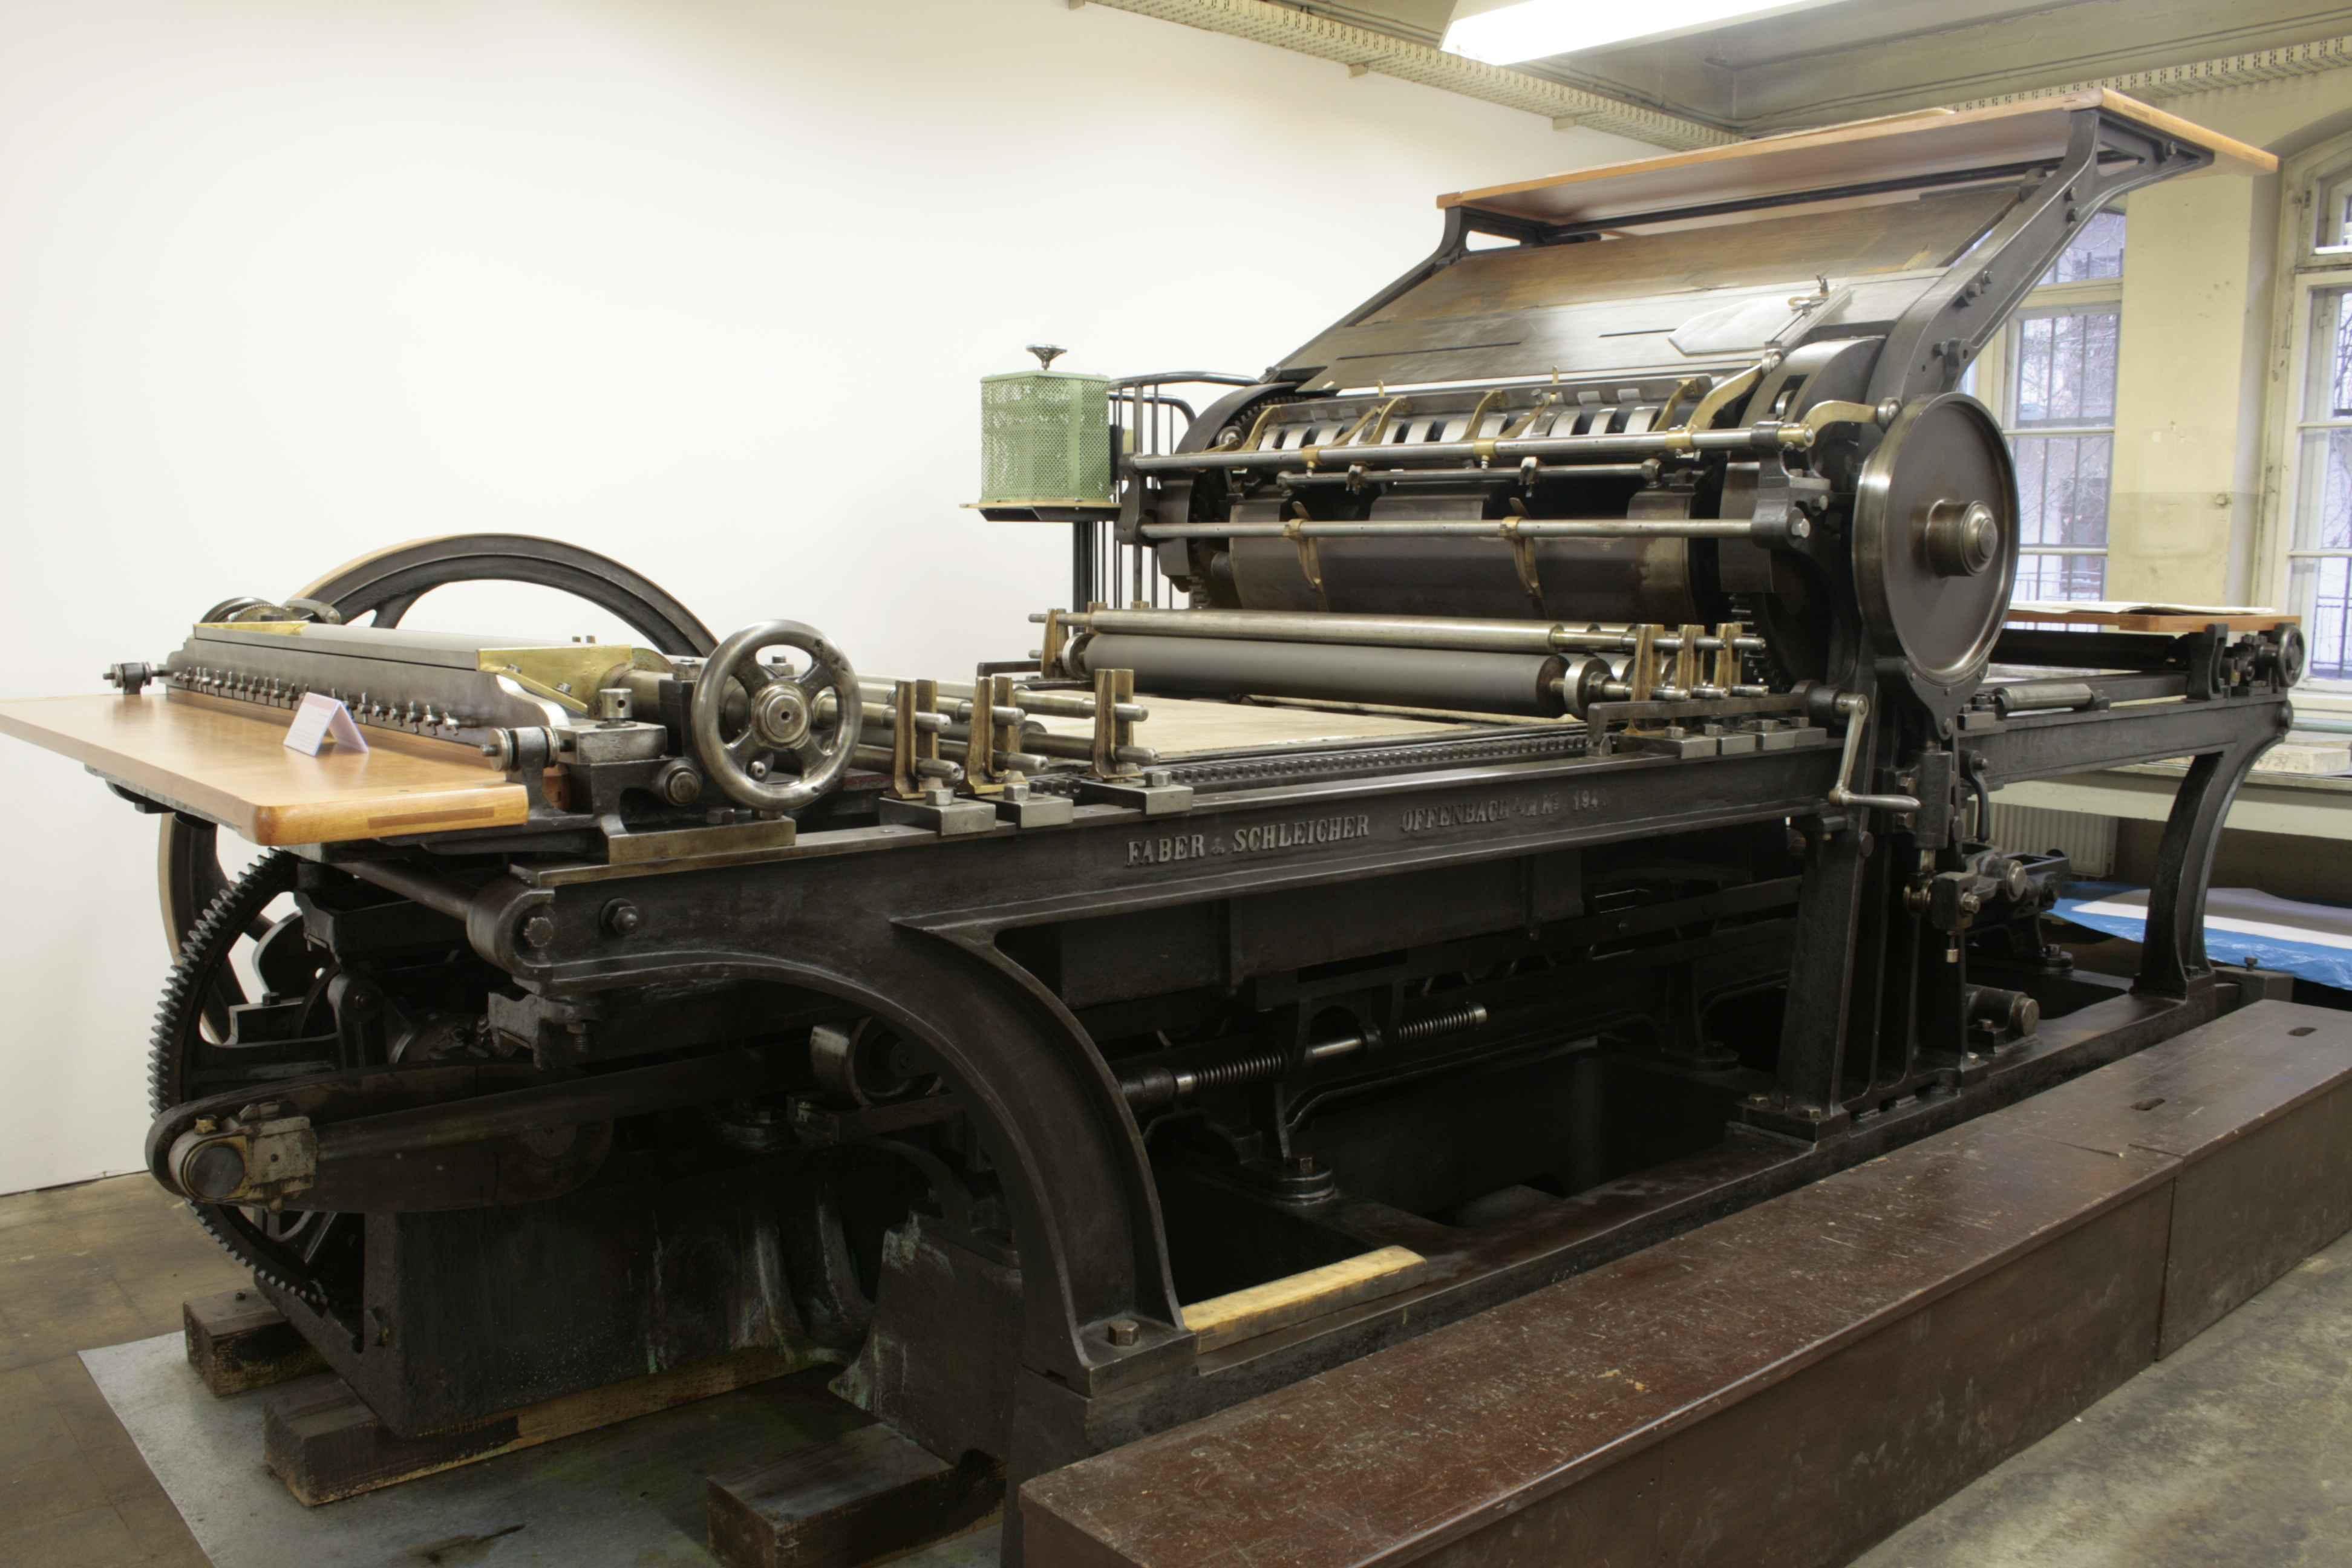 La pressa litografica, risalente al 1894, è stata costruita dalla ditta Faber & Schleicher. Foto: Museo dell'arte tipografica di Lipsia